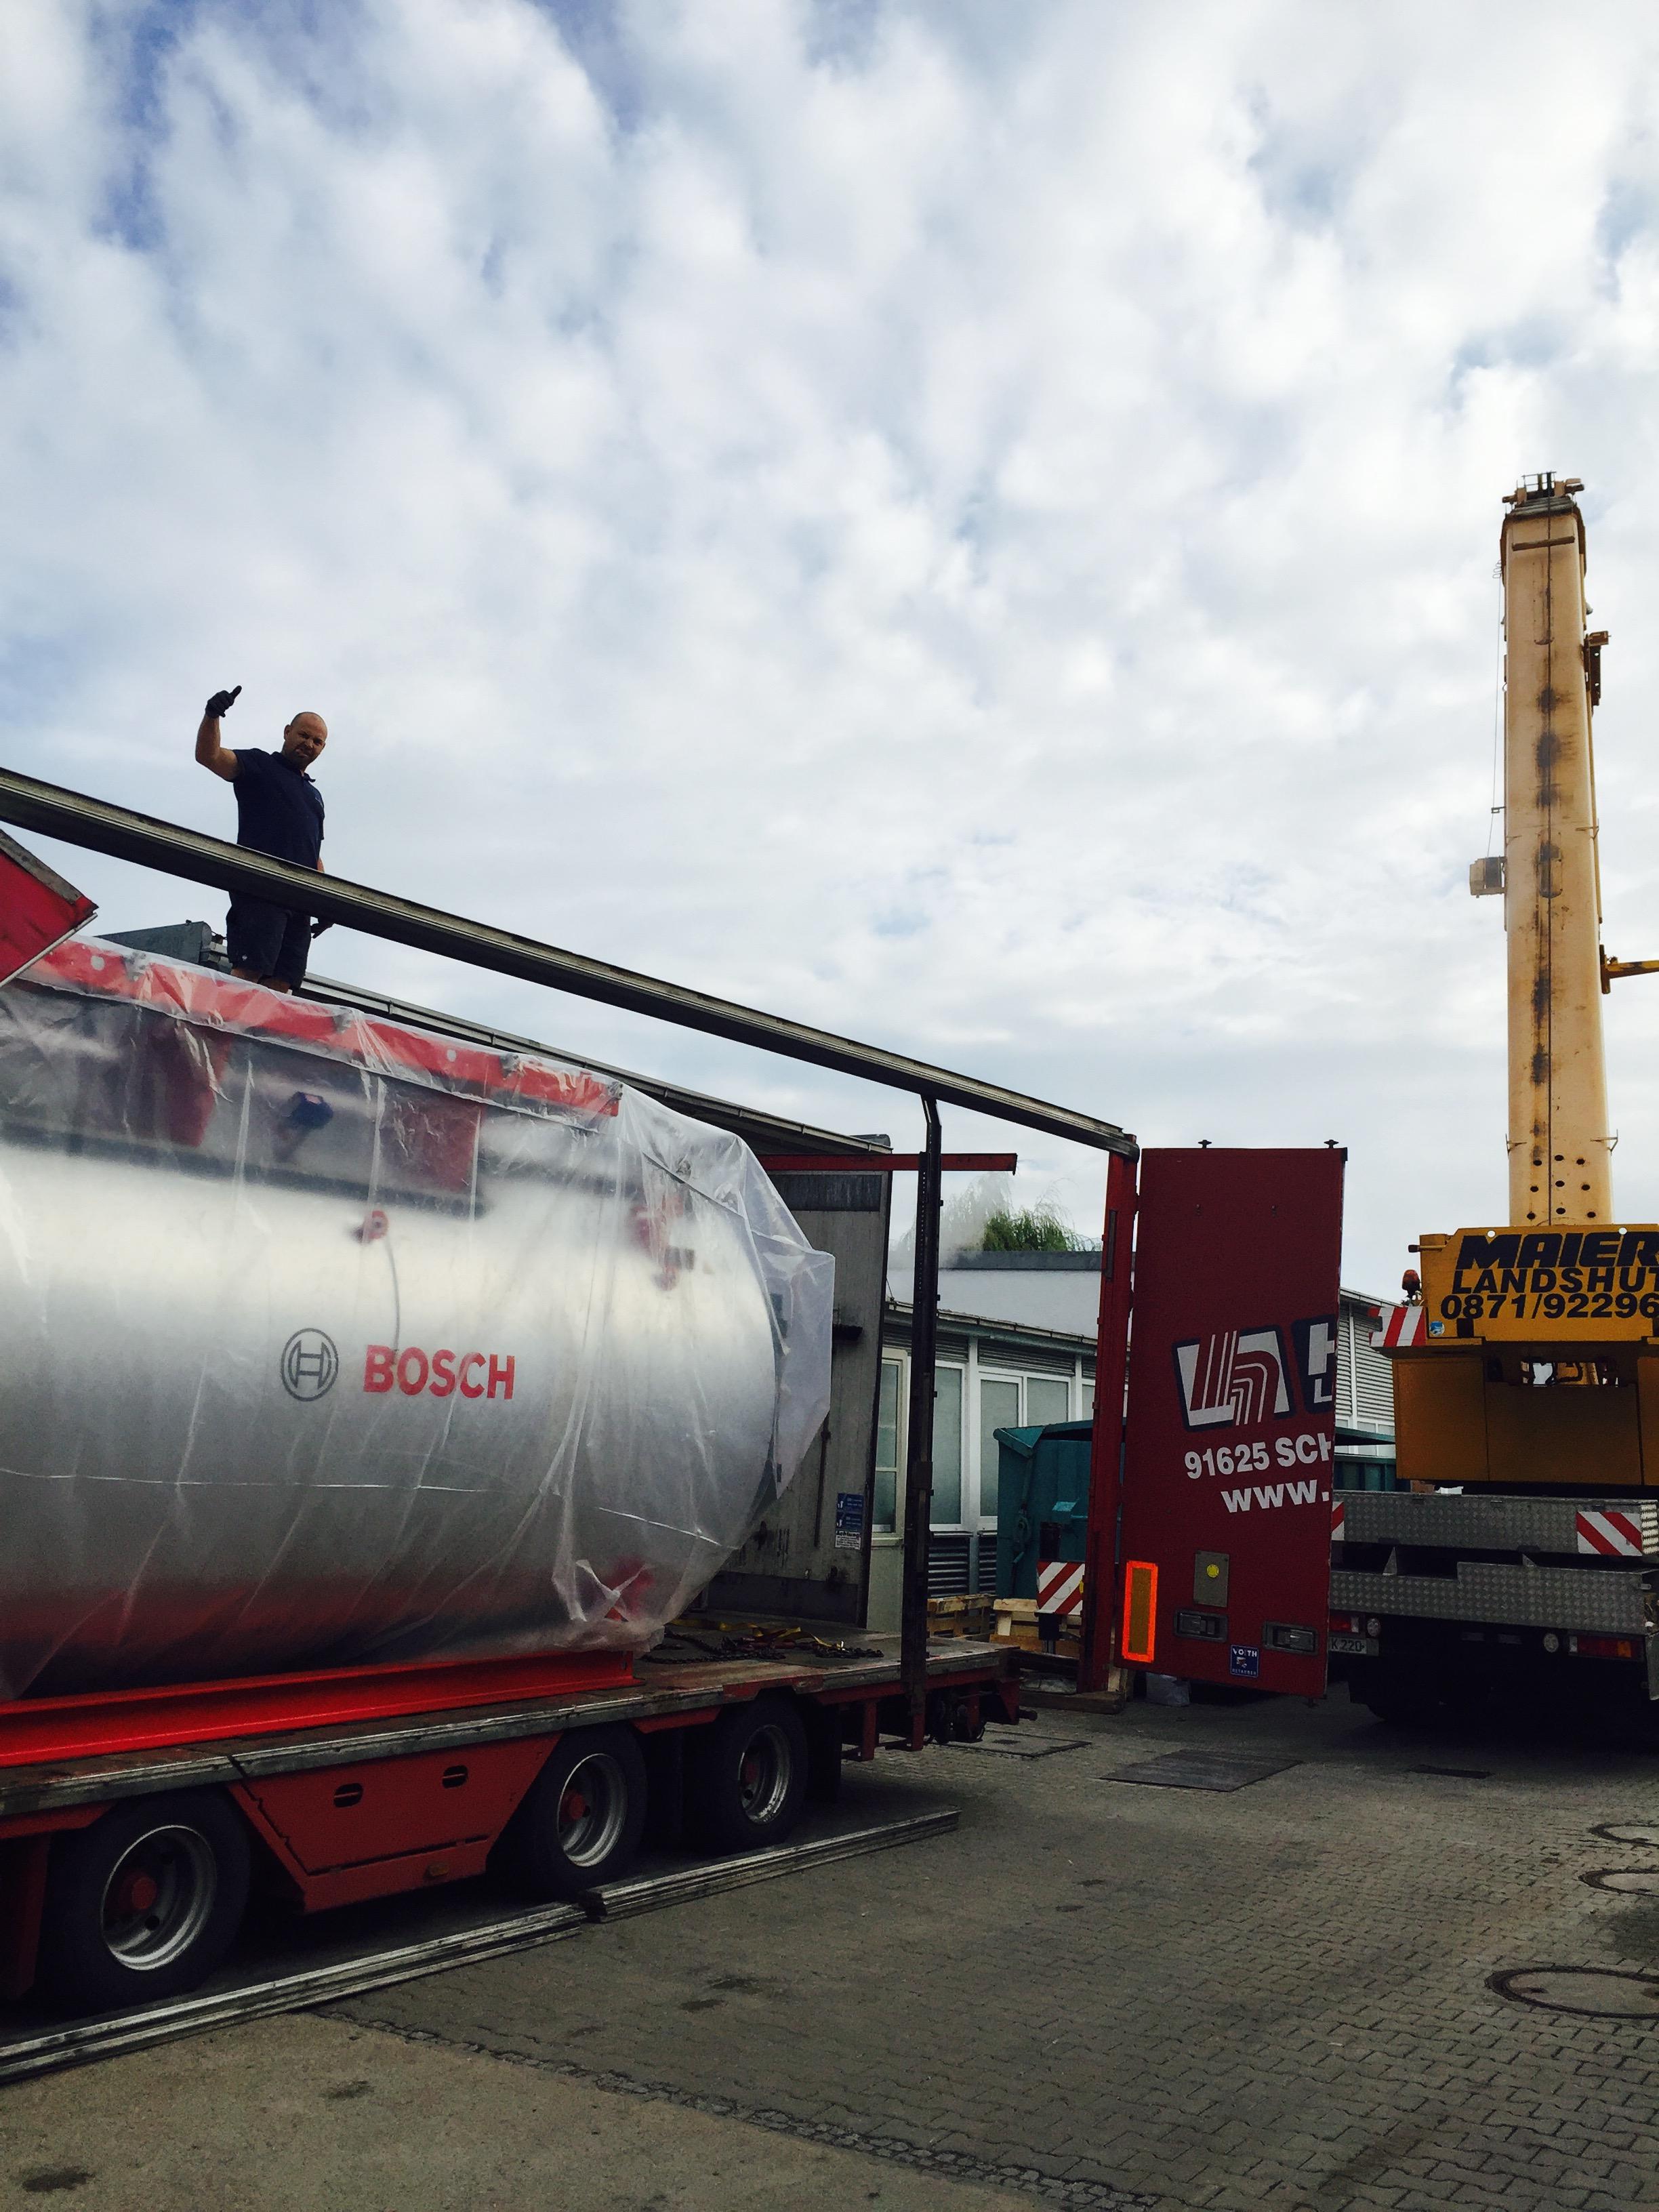 Neuer Bosch Dampfkessel für URZINGER Textilmanagement in Landshut ...